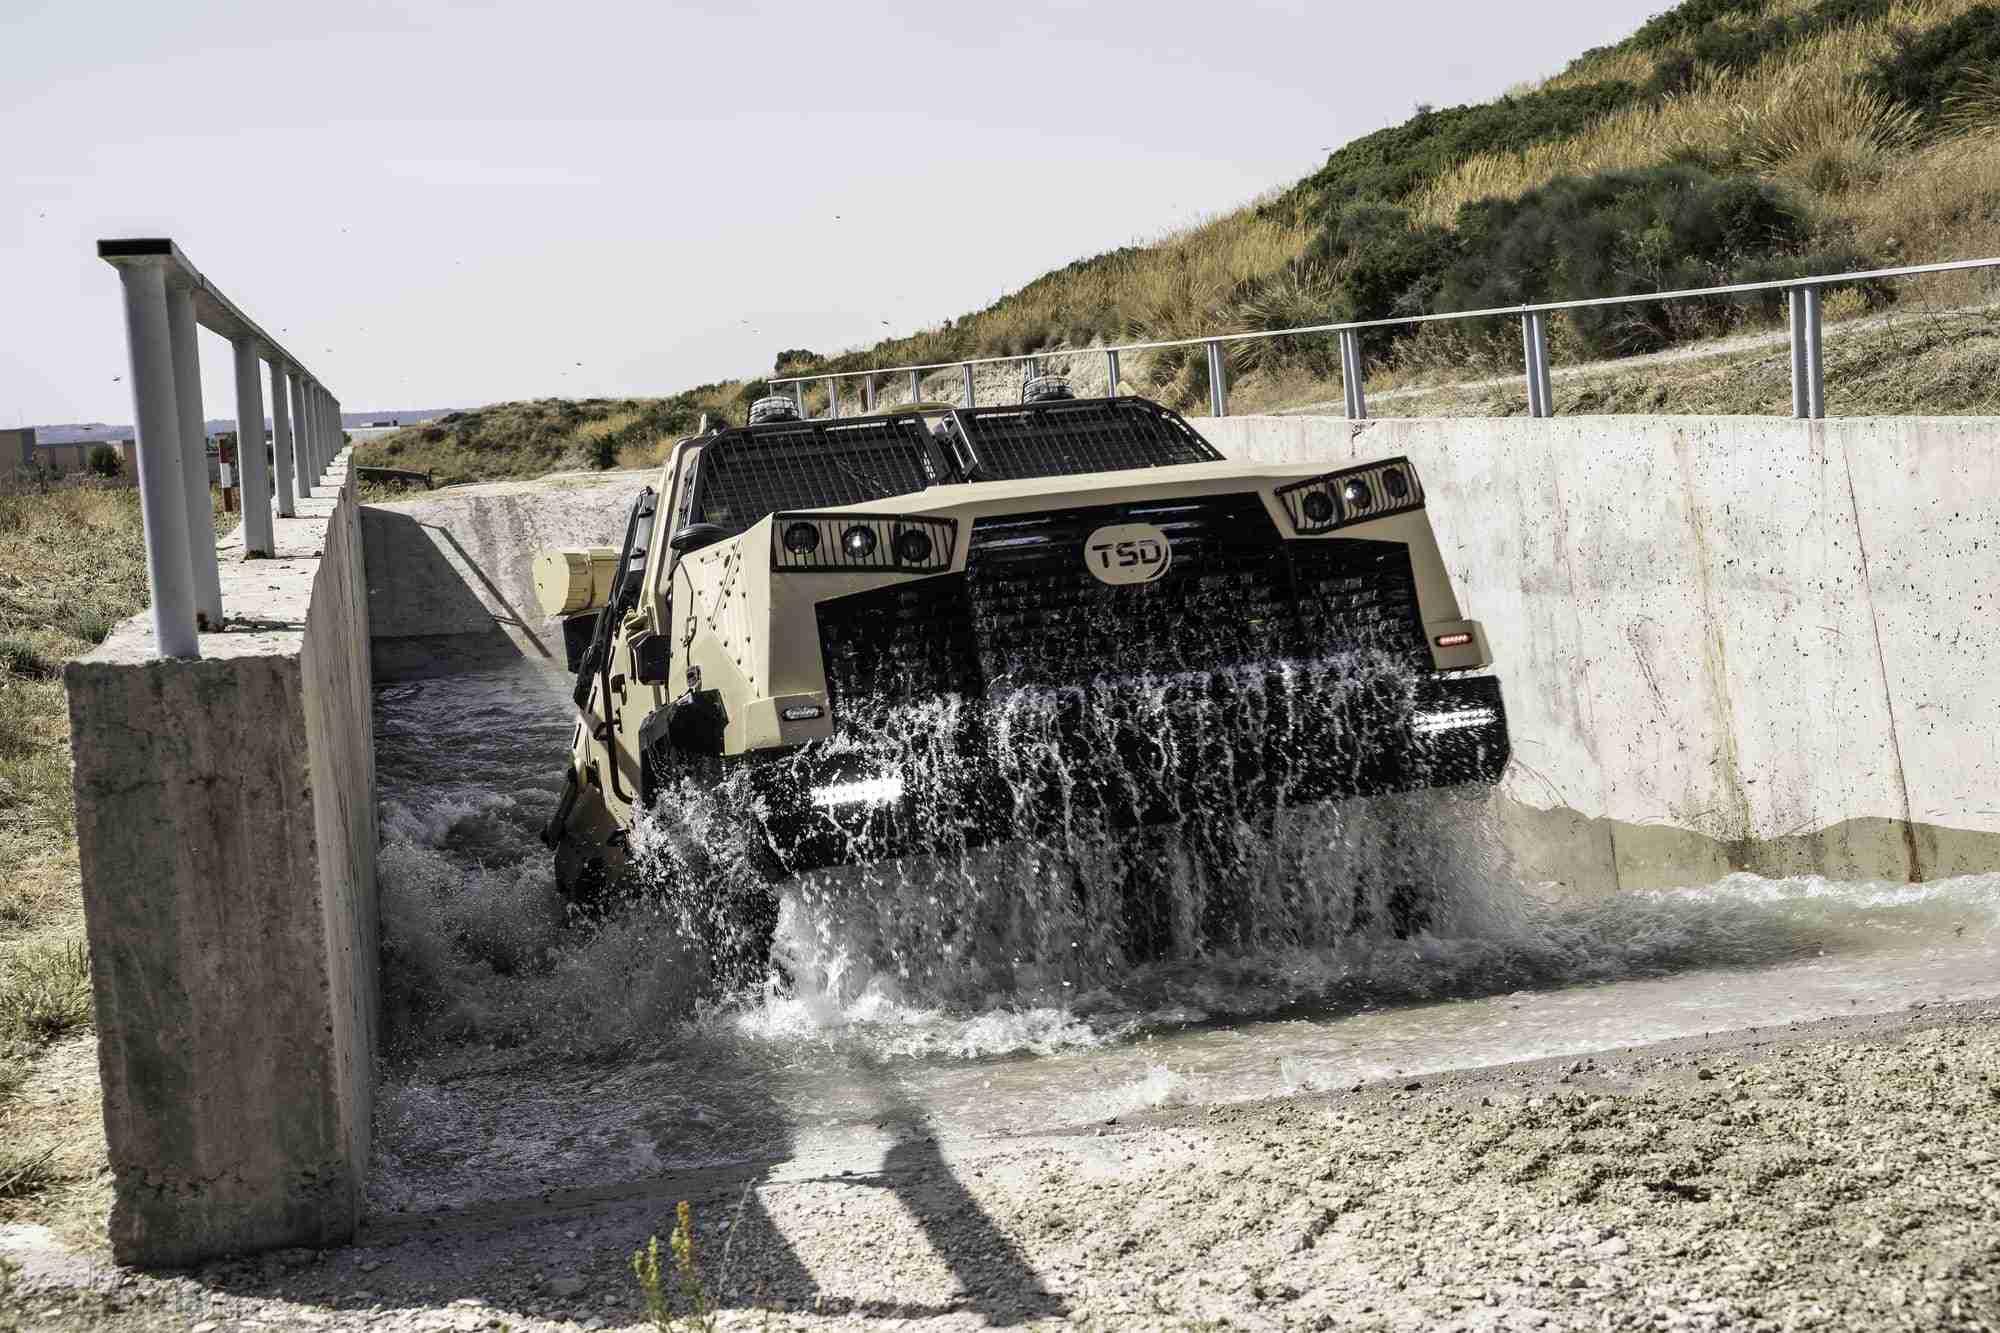 TSD presenta IBERO, un vehículo táctico multipropósito, con adaptabilidad y versatilidad 14